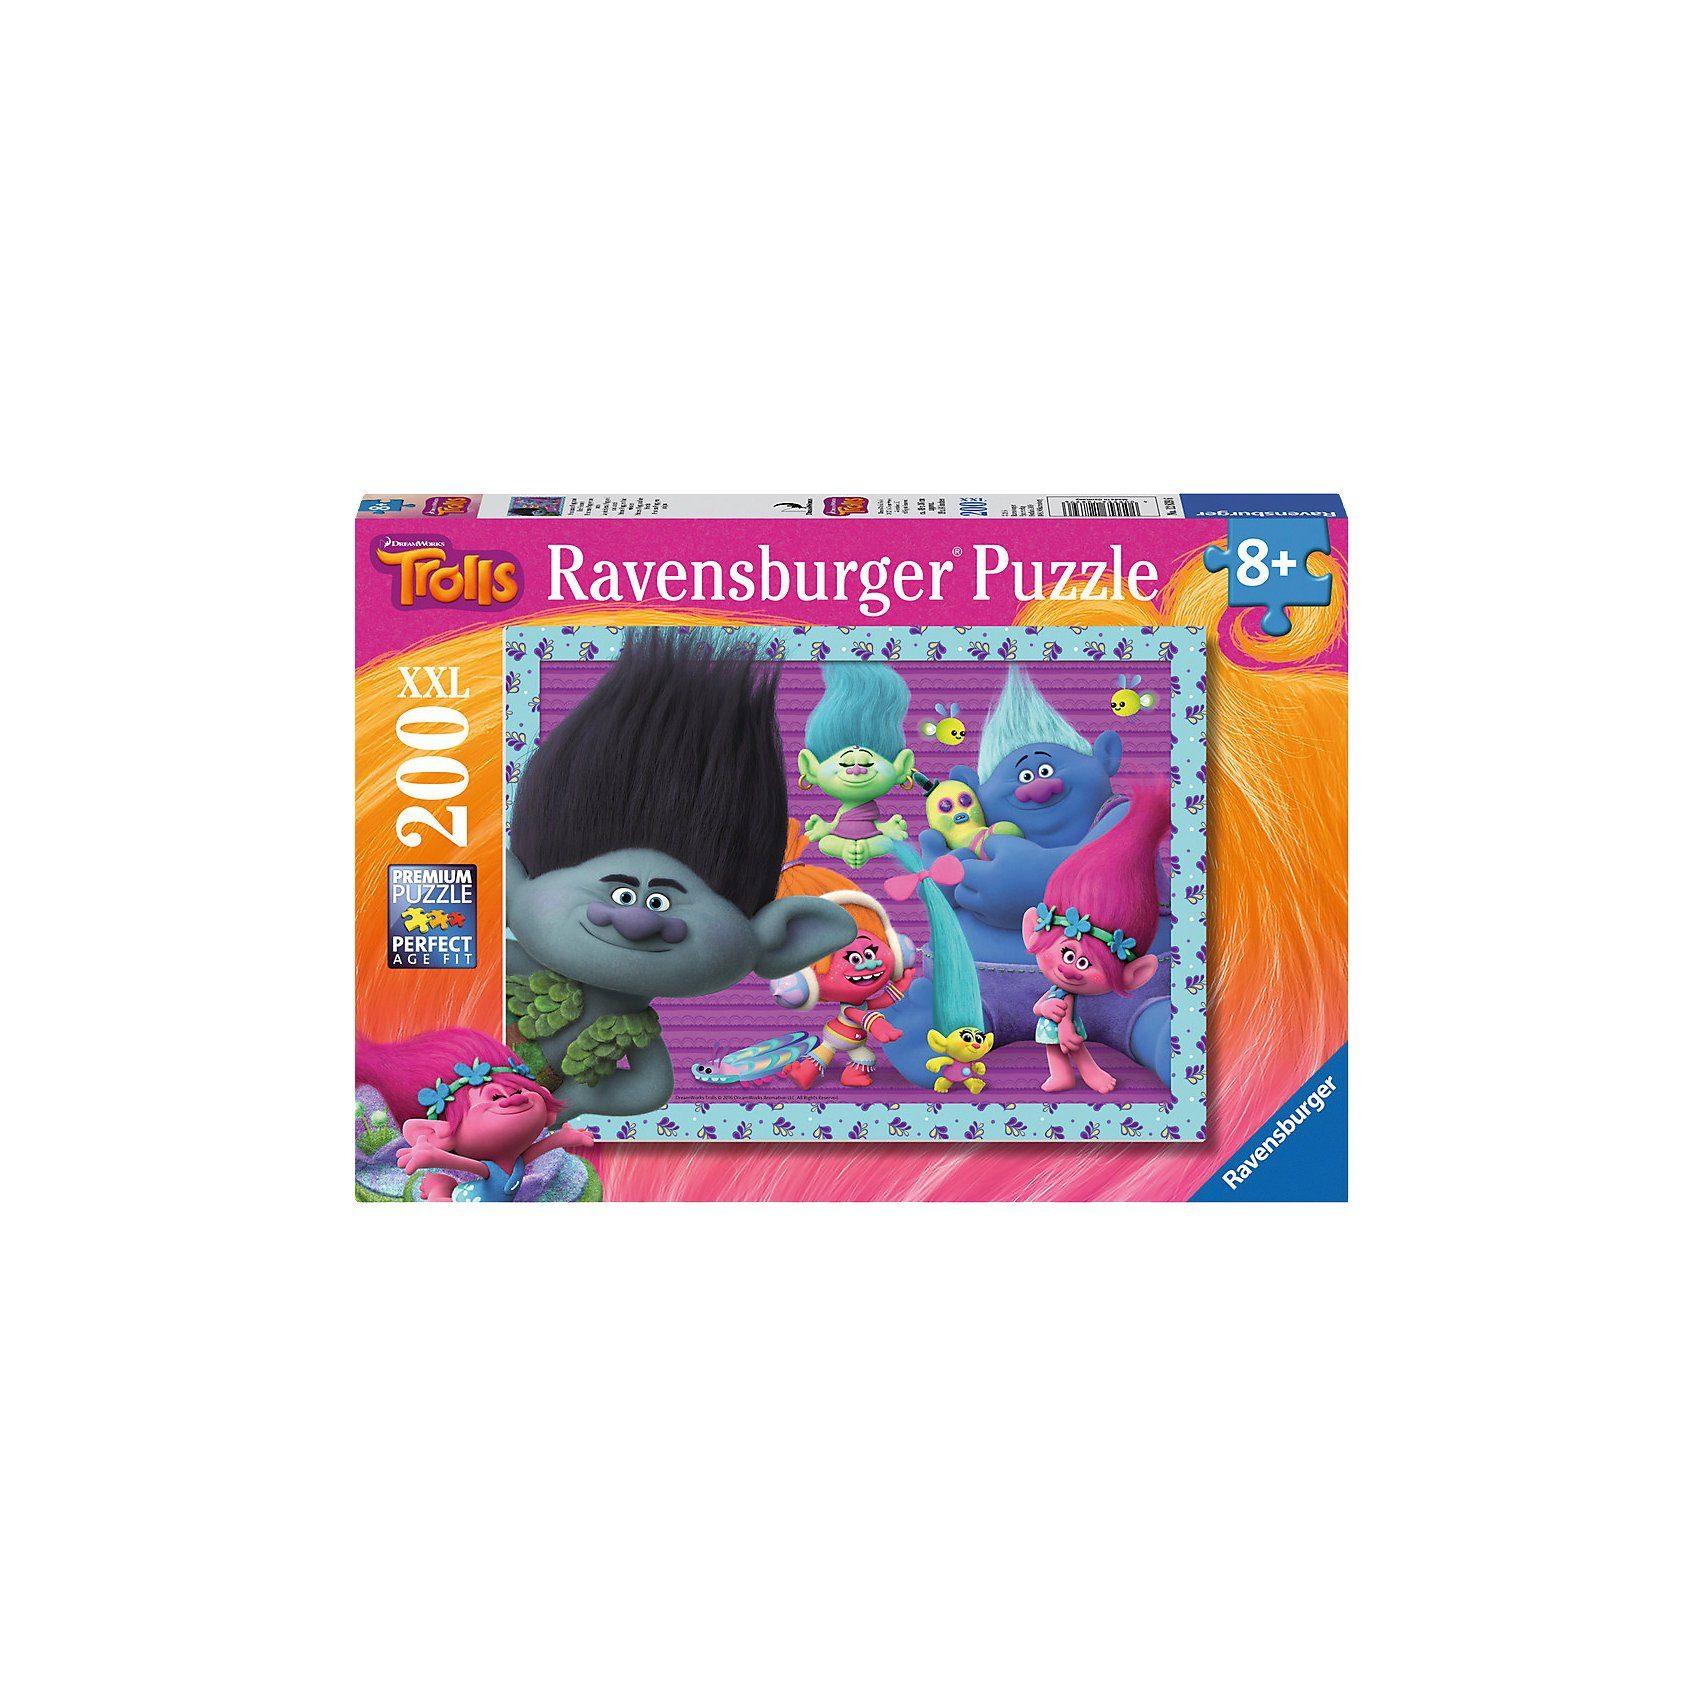 Ravensburger Puzzle 200 Teile Trolls Prinzessin Poppy und ihre Freunde